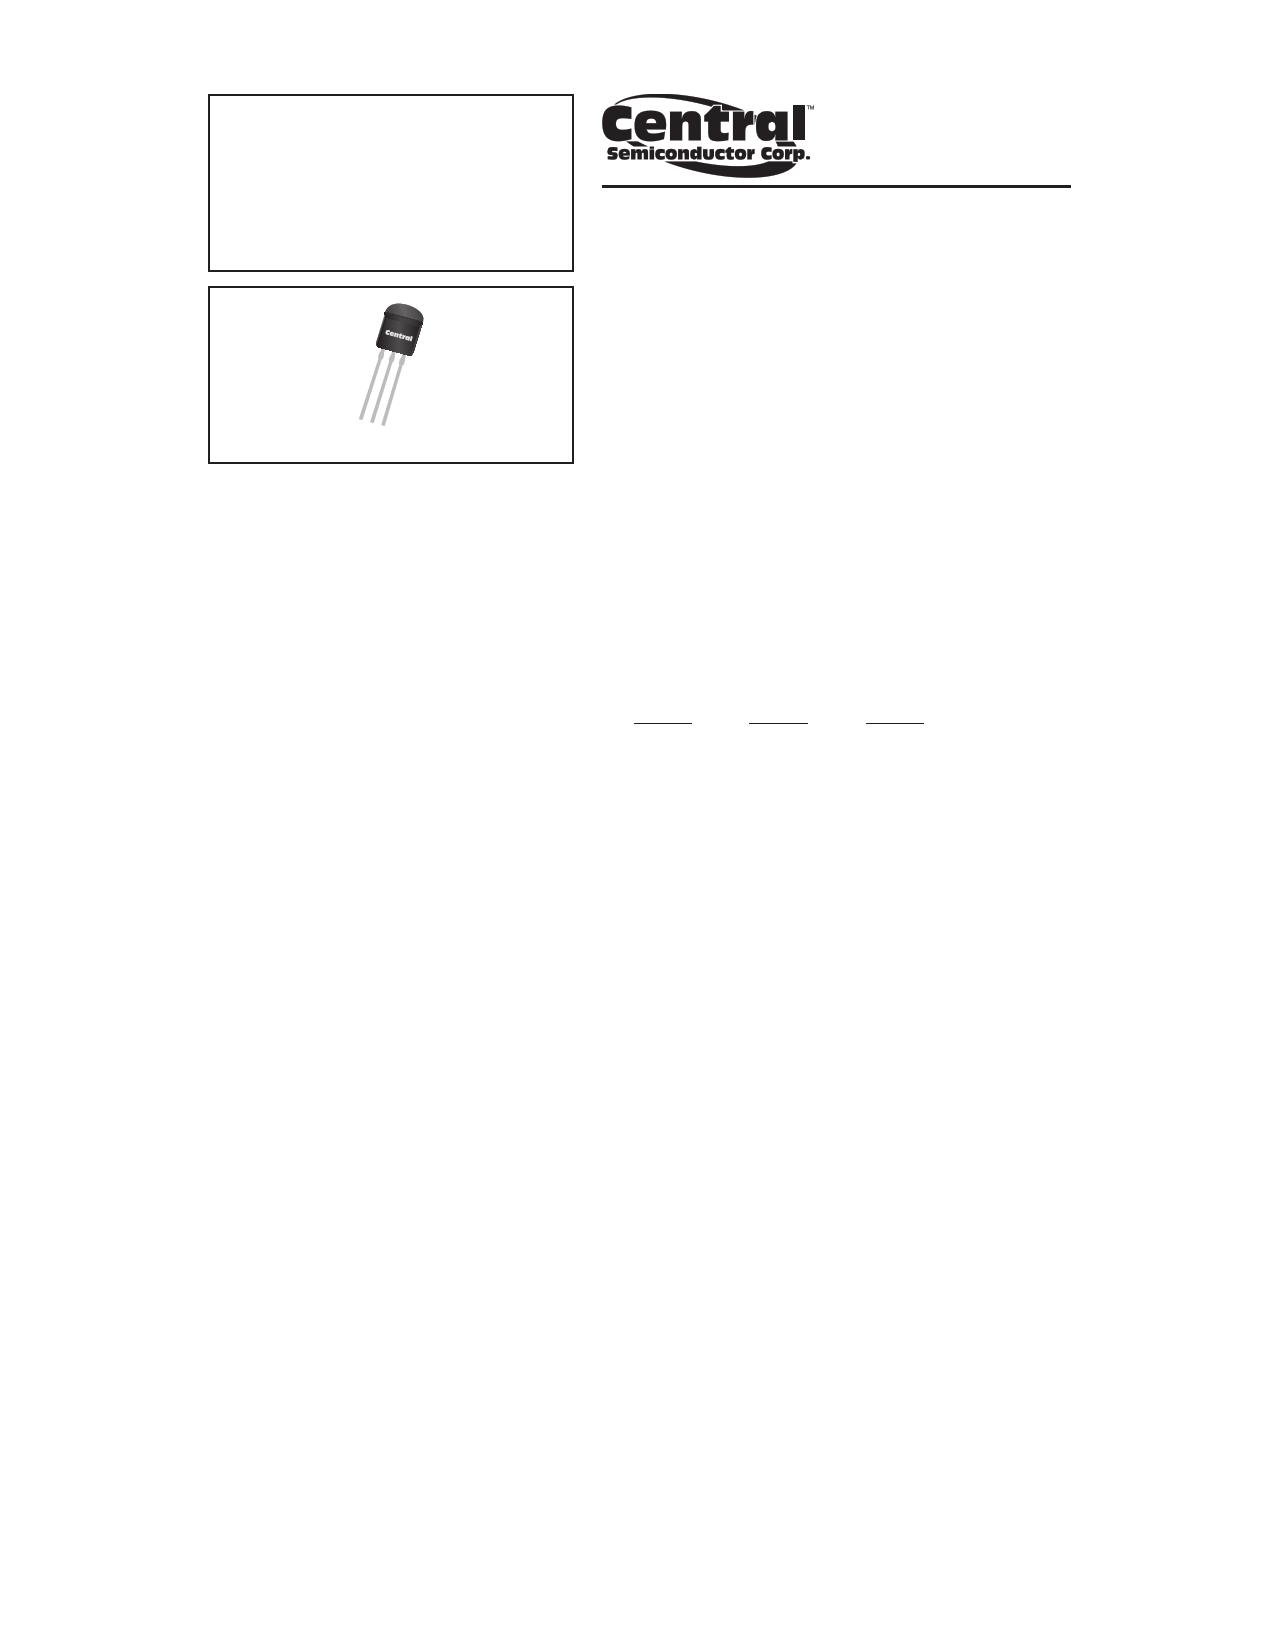 2N5486 Datasheet, 2N5486 PDF,ピン配置, 機能